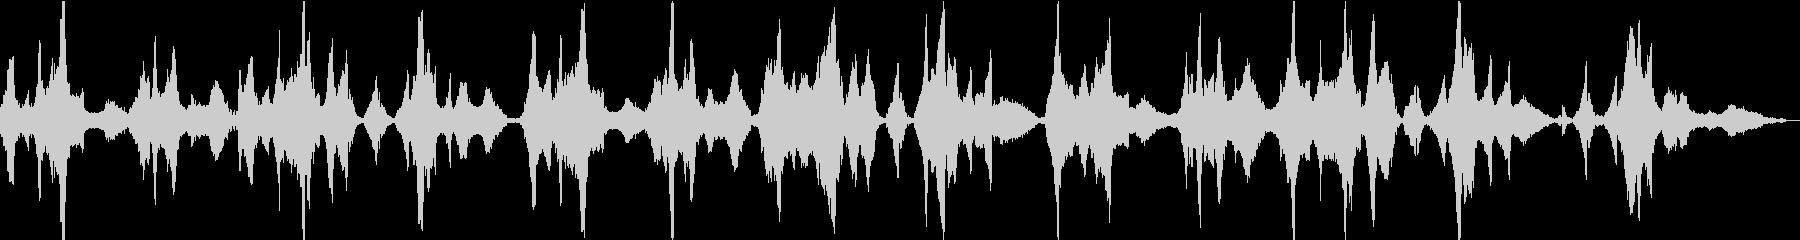 悠久の二胡が歌う、遊牧民の美しいバラードの未再生の波形